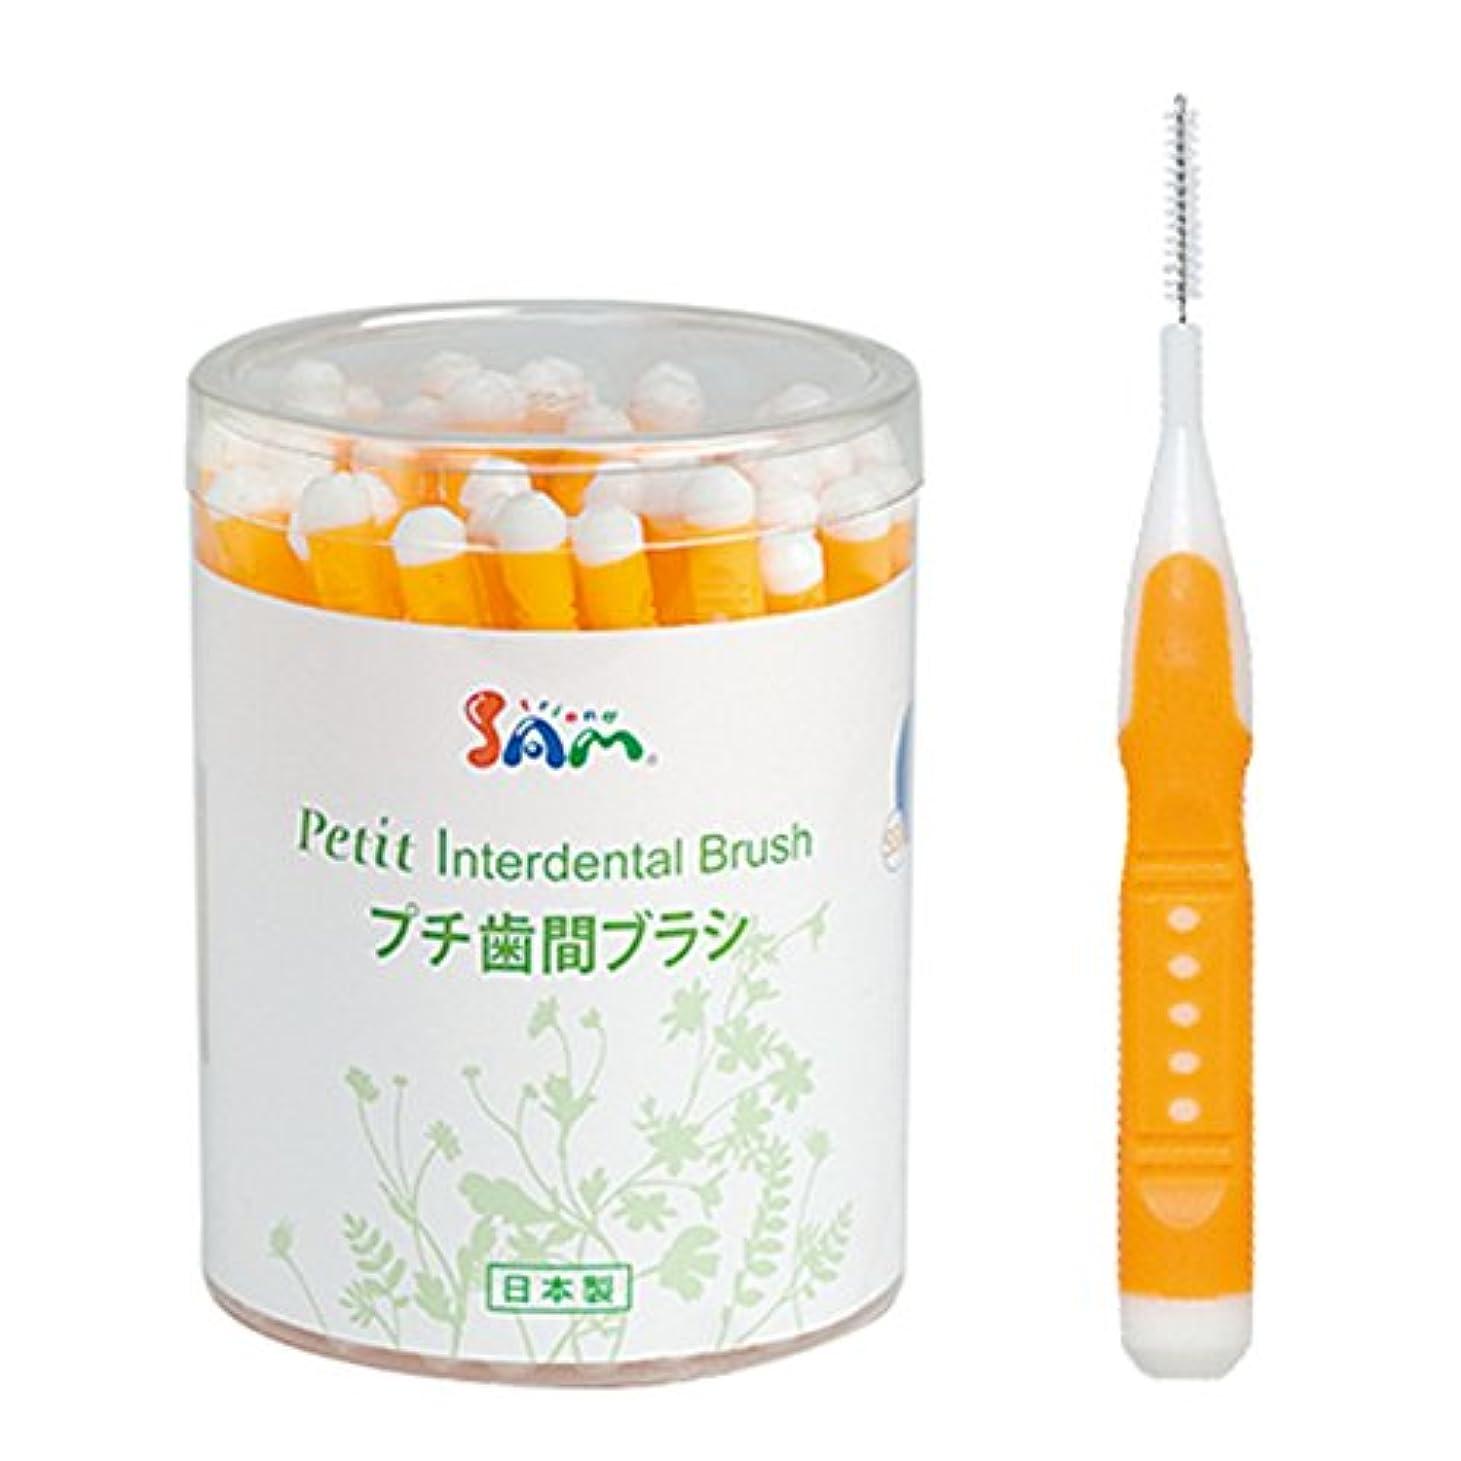 原理にぎやか流サムフレンド プチ歯間ブラシ I型 50本入 (SSS(オレンジ))